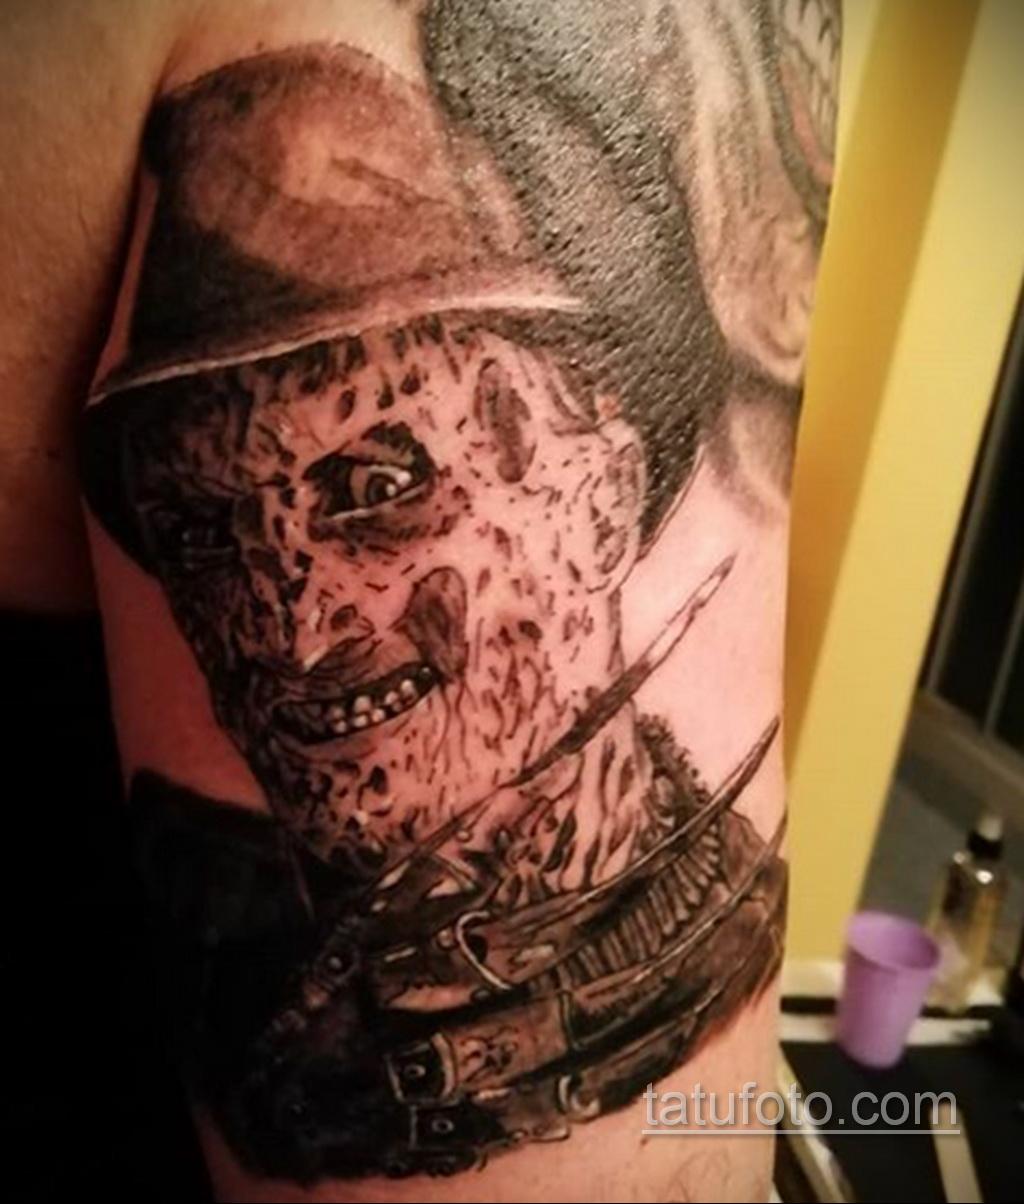 Фото тату с Фредди Крюгером 12.10.2020 №037 -freddy krueger tattoo- tatufoto.com